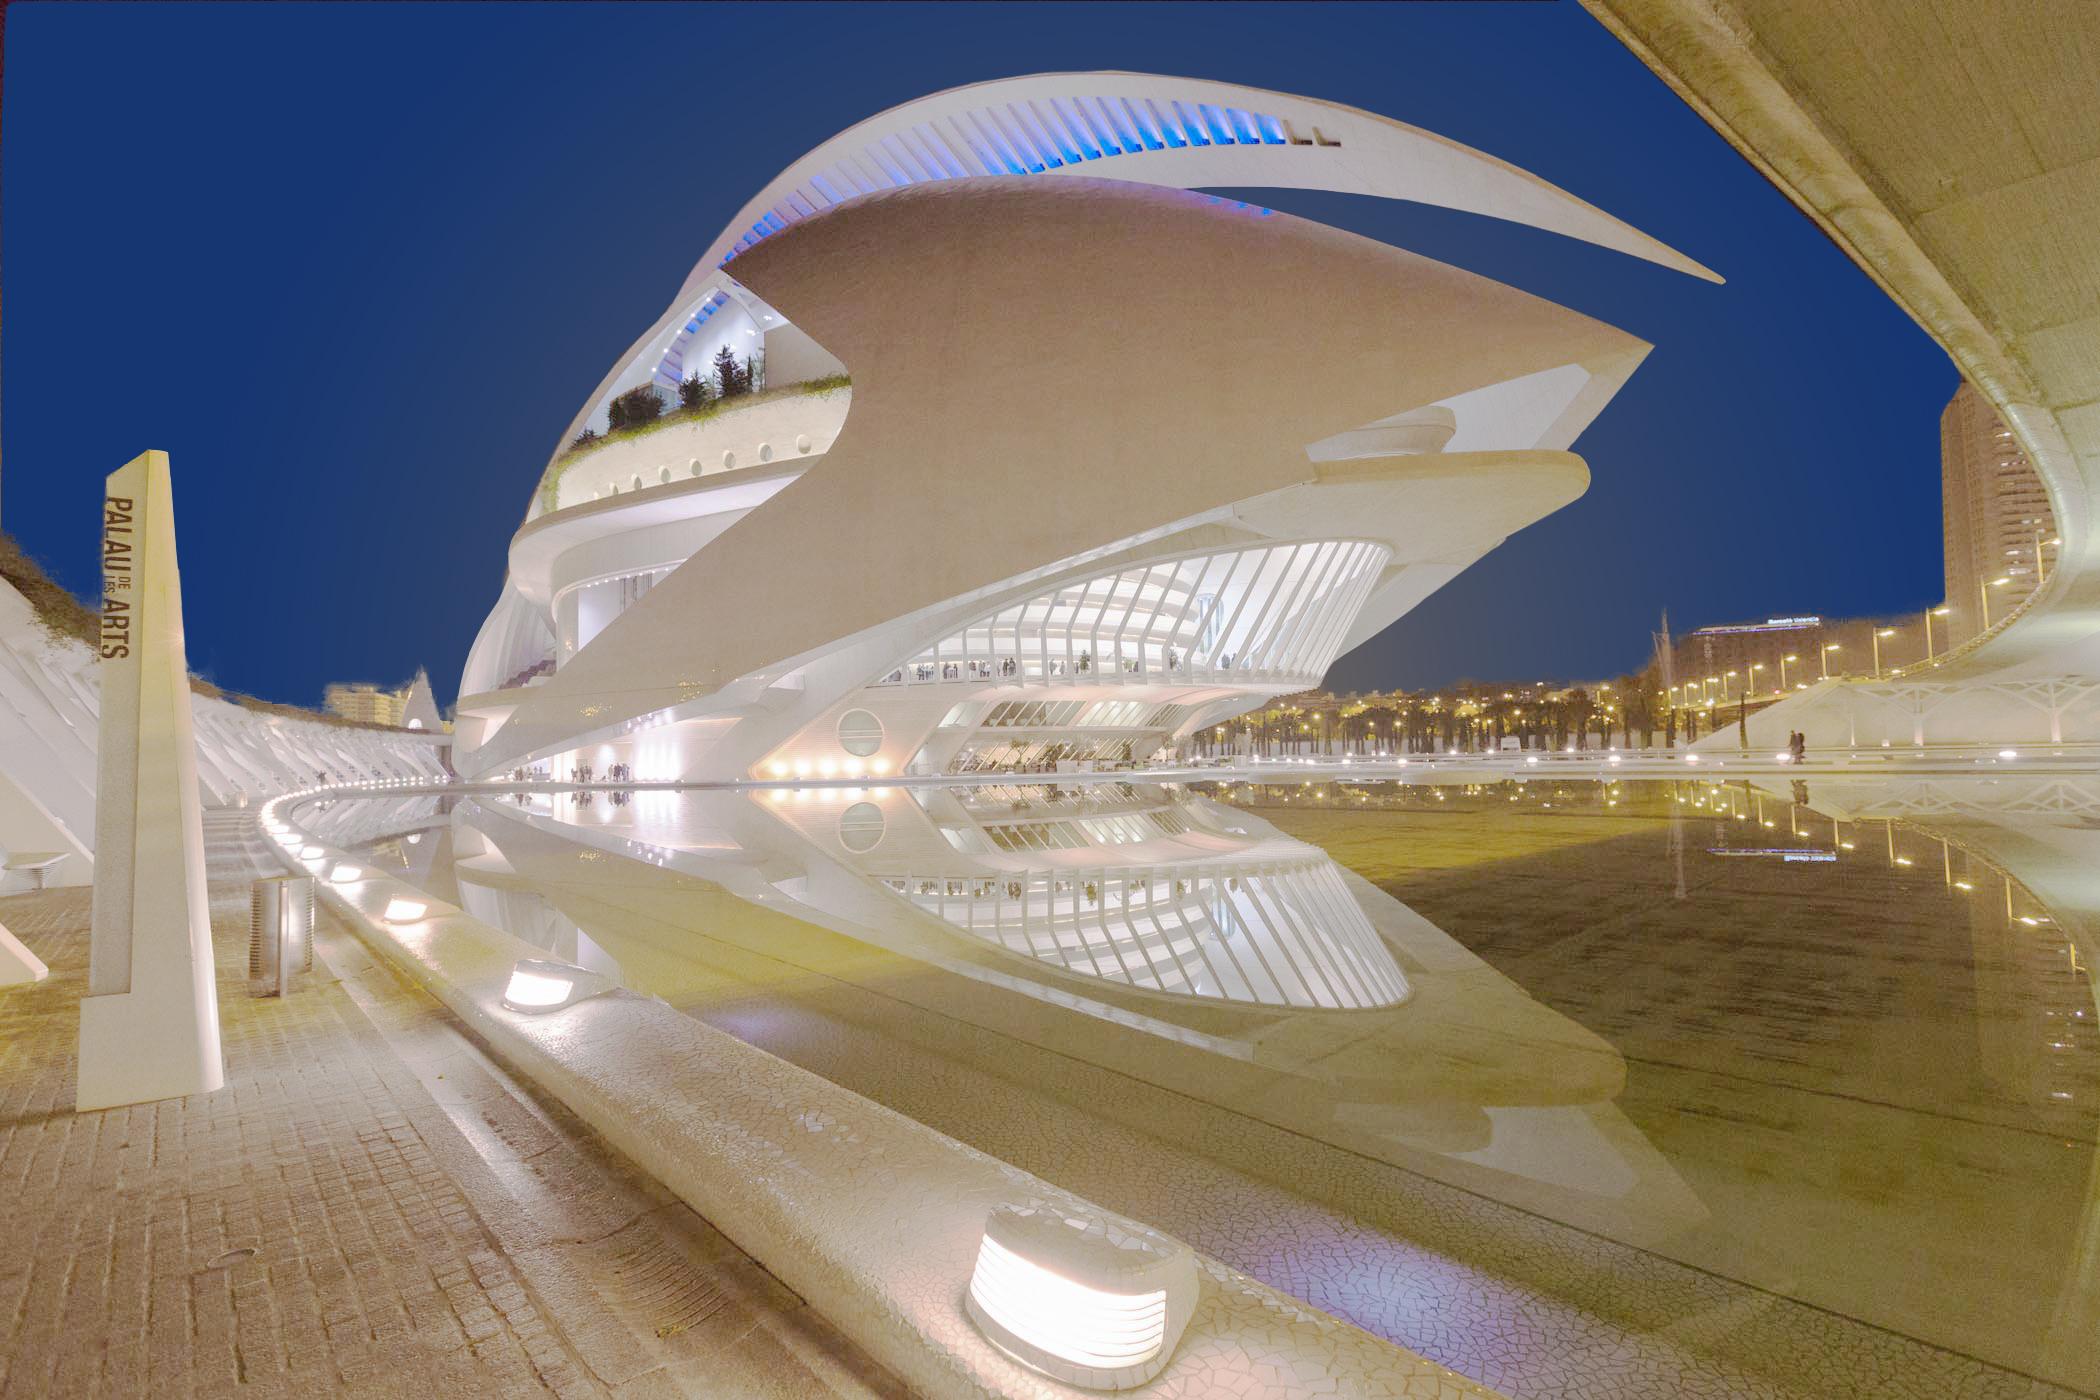 Interierfotograaf en architectuurfotograaf Robert Zwart toont een foto van architectuur in Valencia.